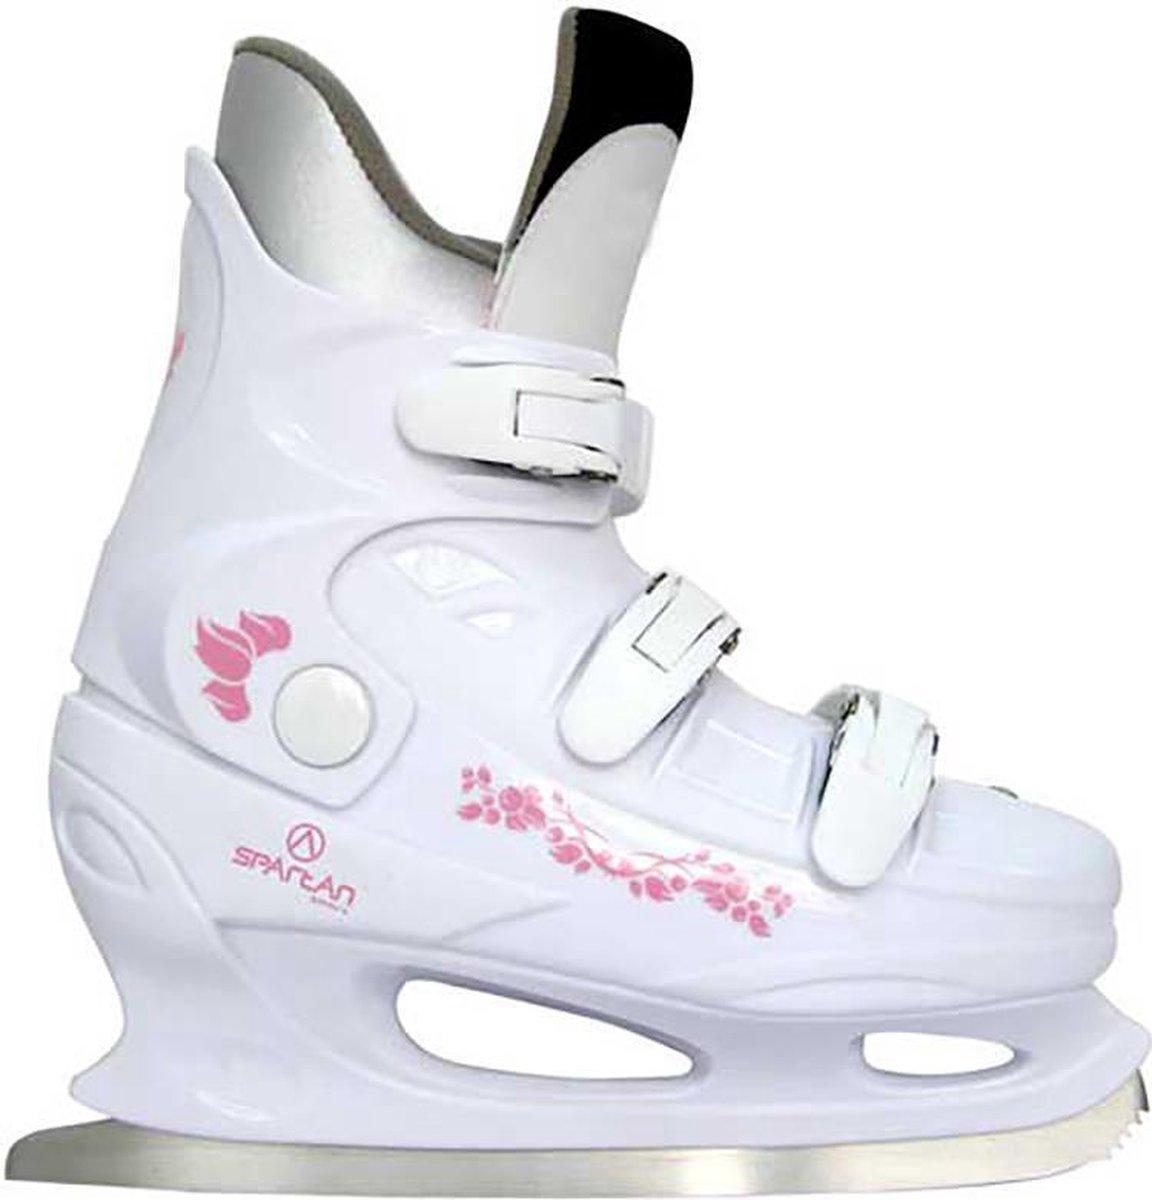 Dames schaatsen | schaatsen volwassenen | kunstschaatsen - maat 40